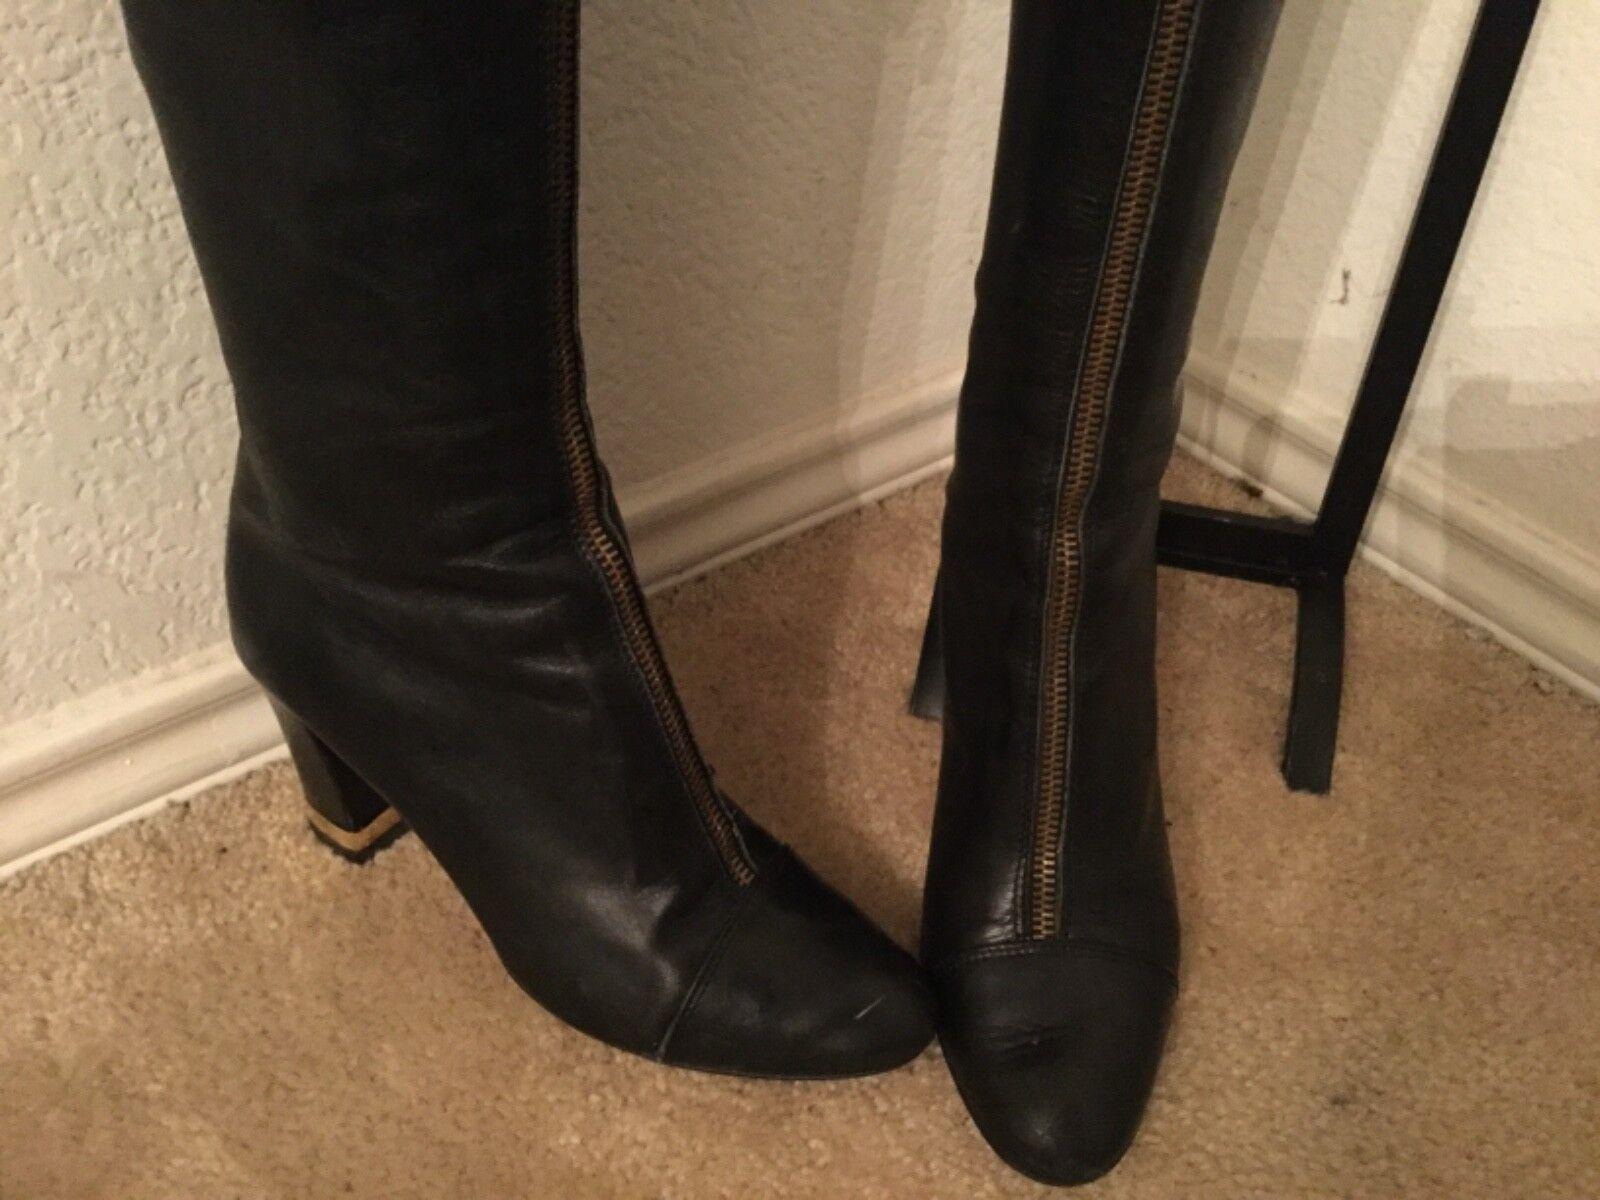 Bellofatto Black Leather 3